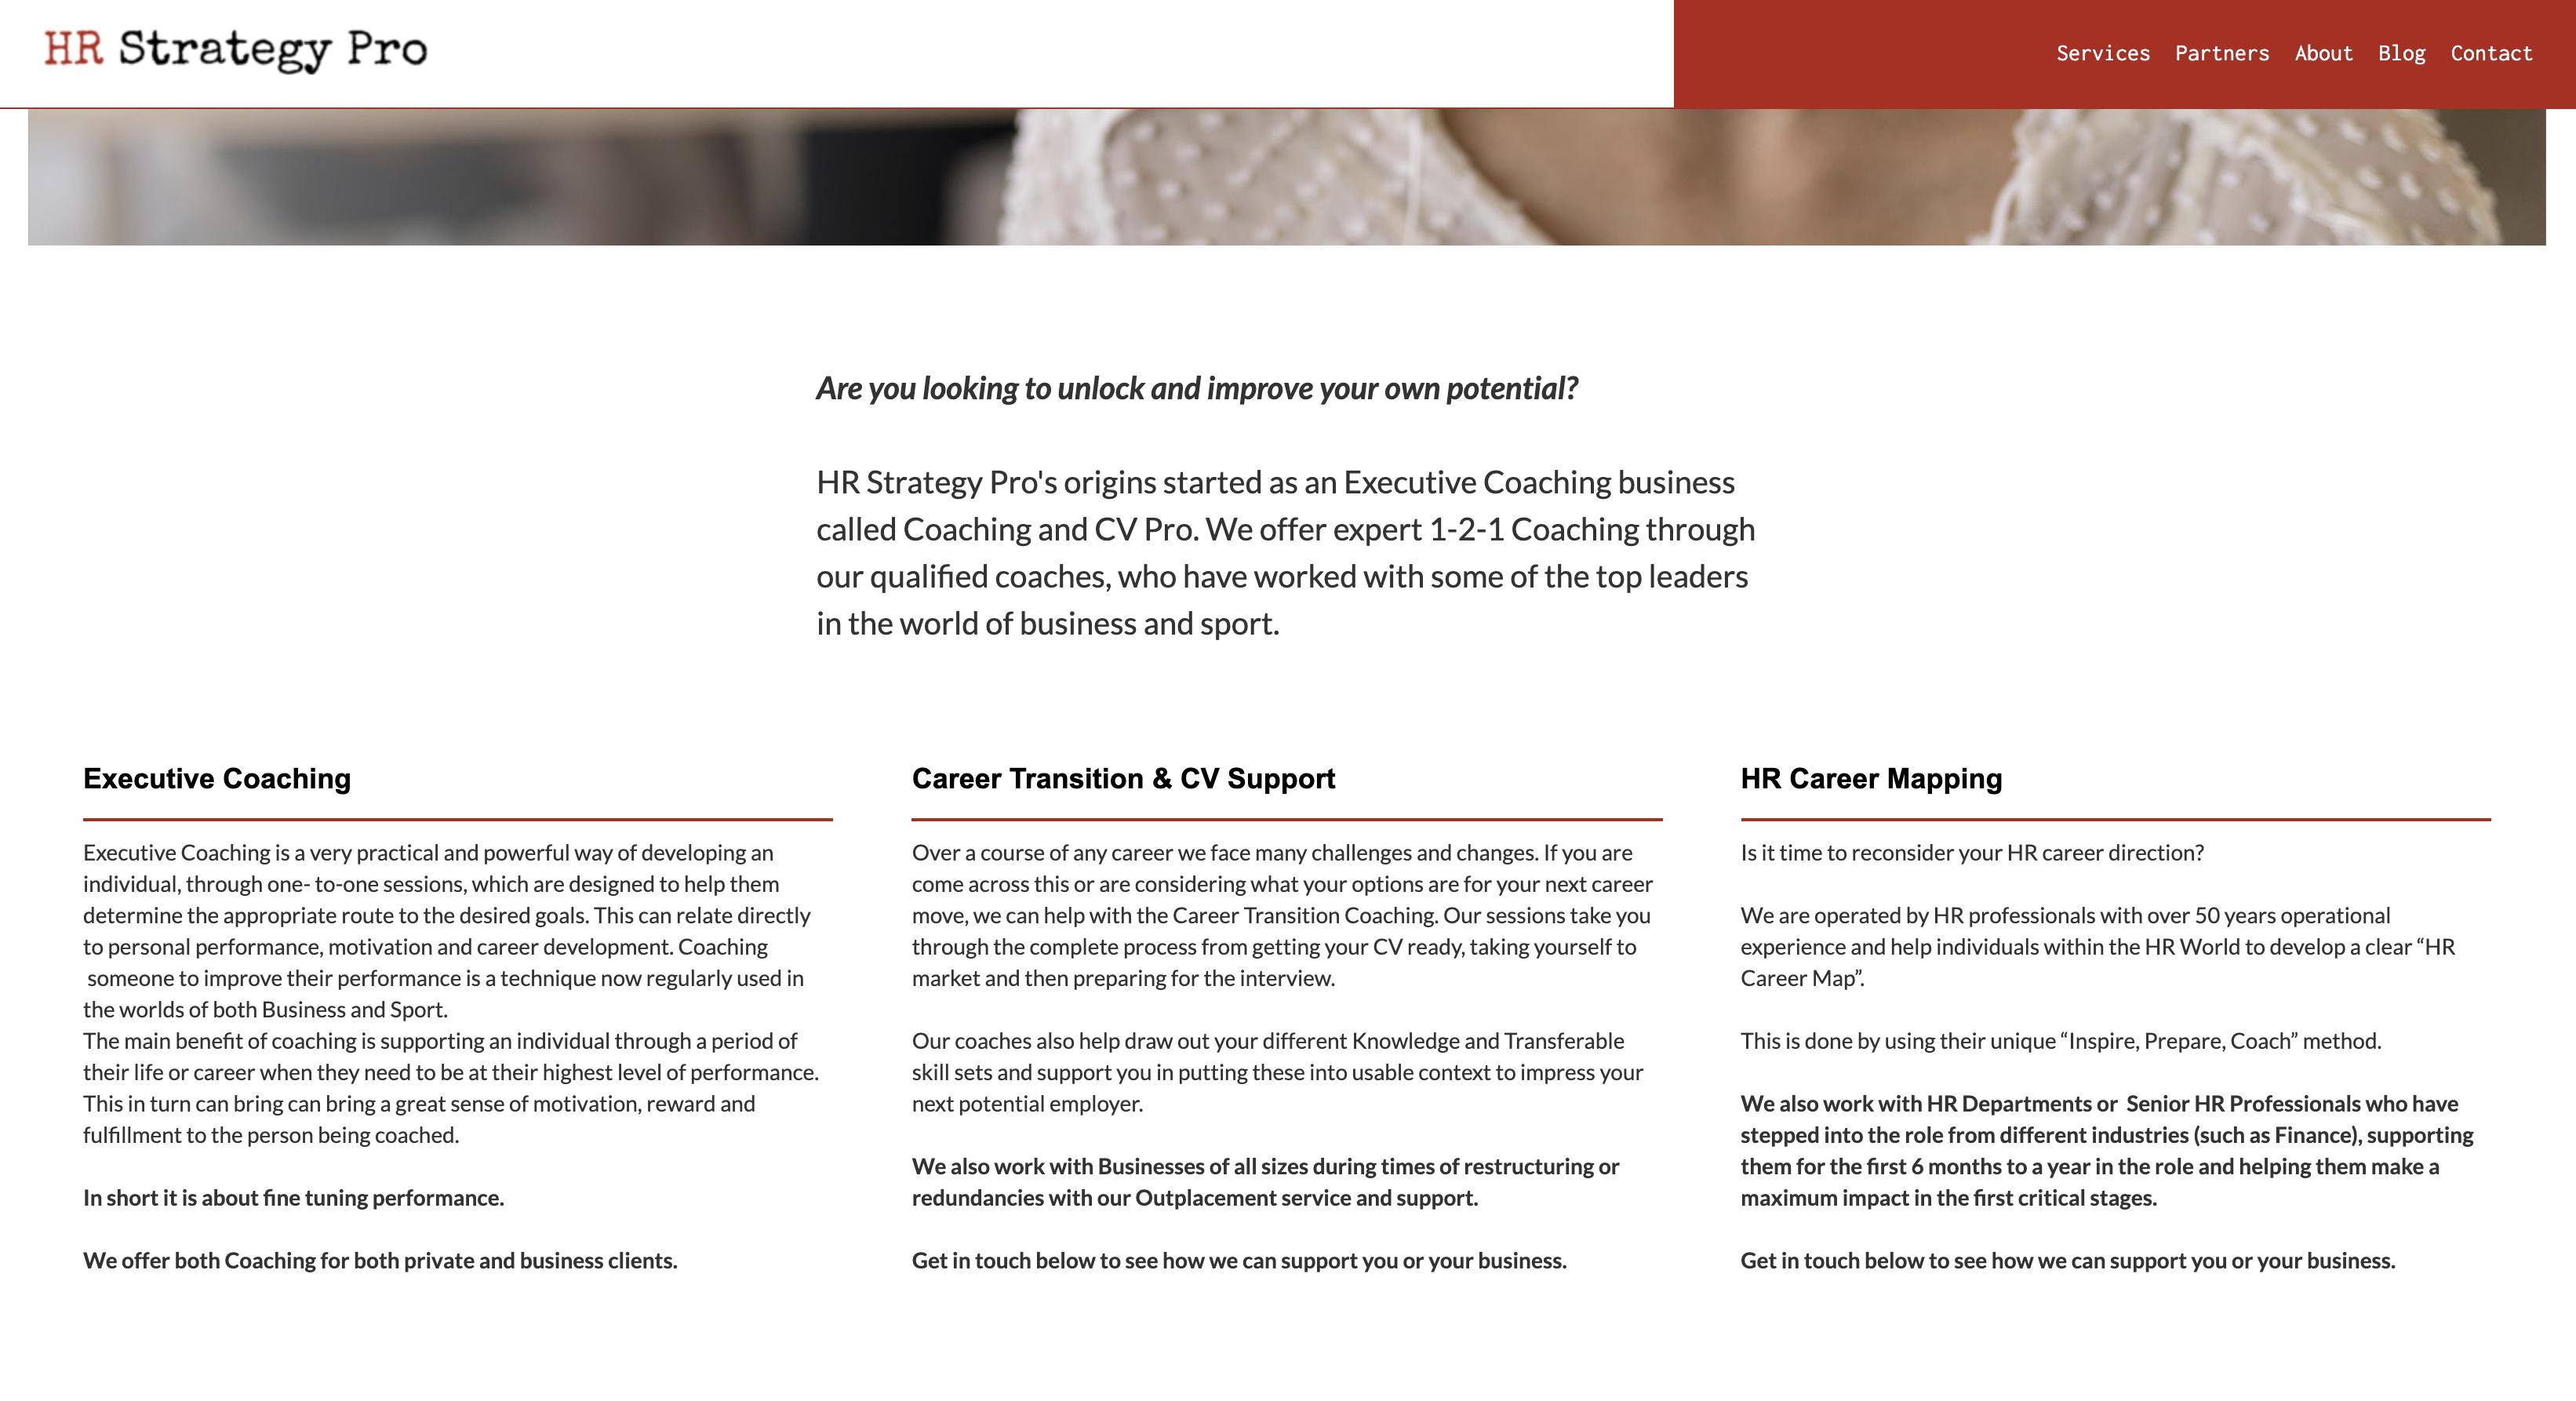 Coaching & CV Pro